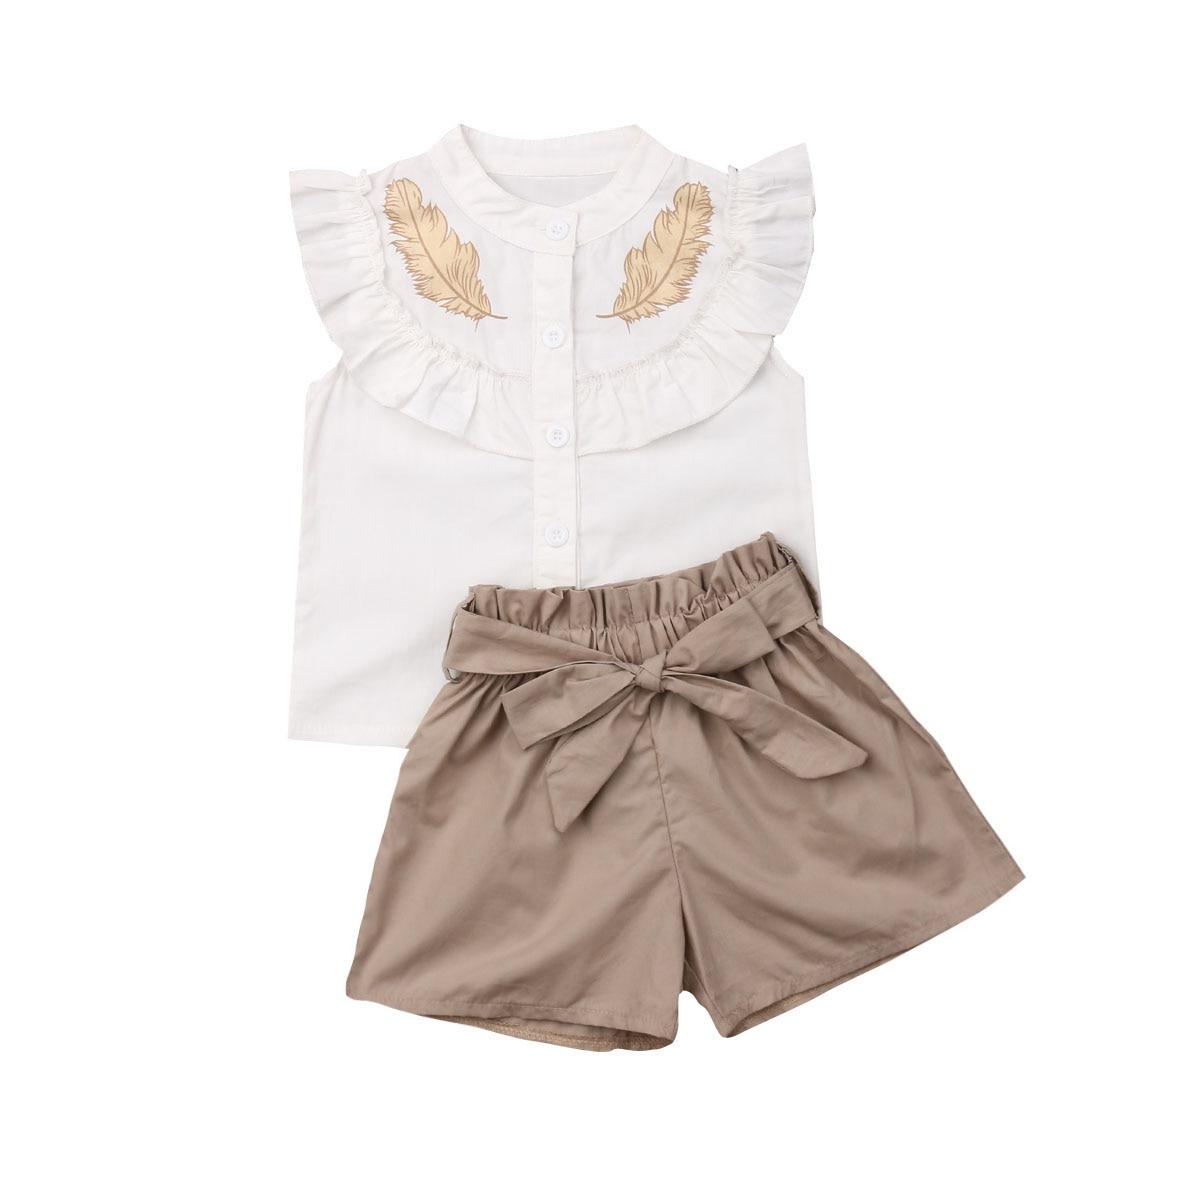 Lovely Kid dziewczynek zestawy ubrań z piór lato top bez rękawów dopasowane krótkie spodenki 2szt stroje modna odzież 2-6 lat